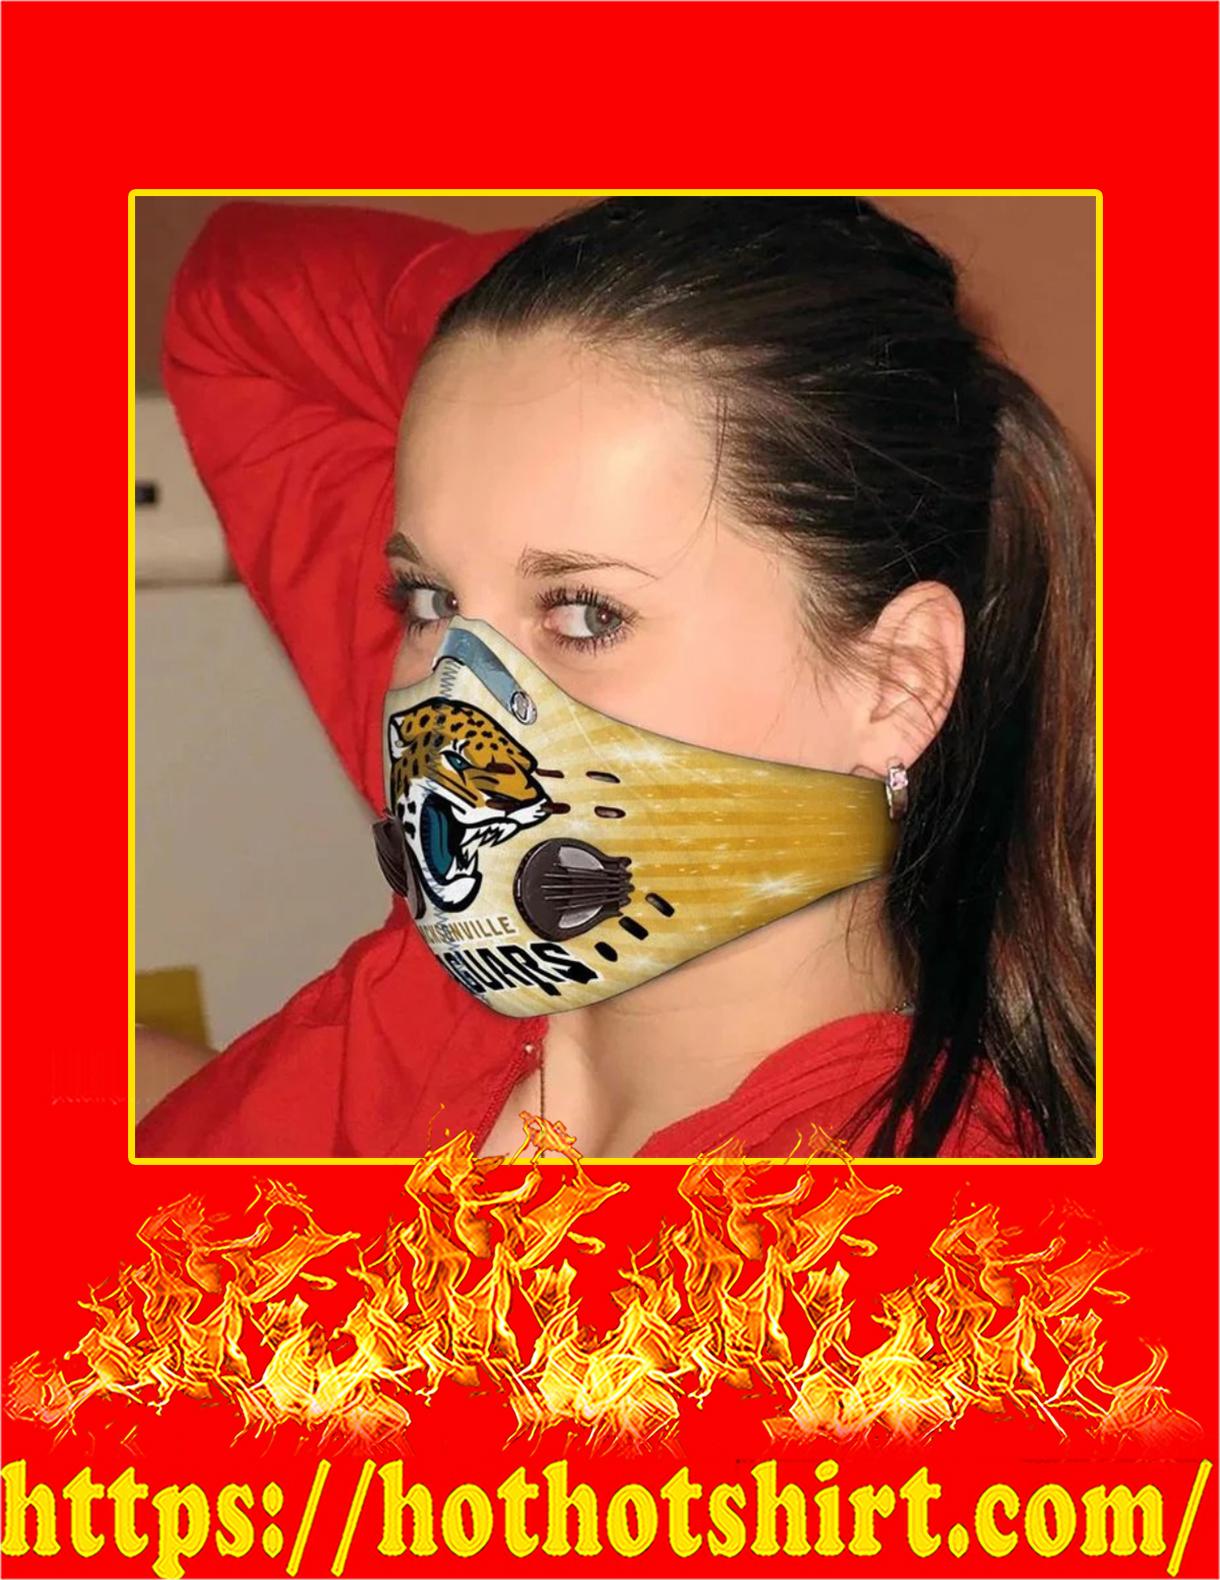 Jacksonville jaguars filter face mask - Pic 3